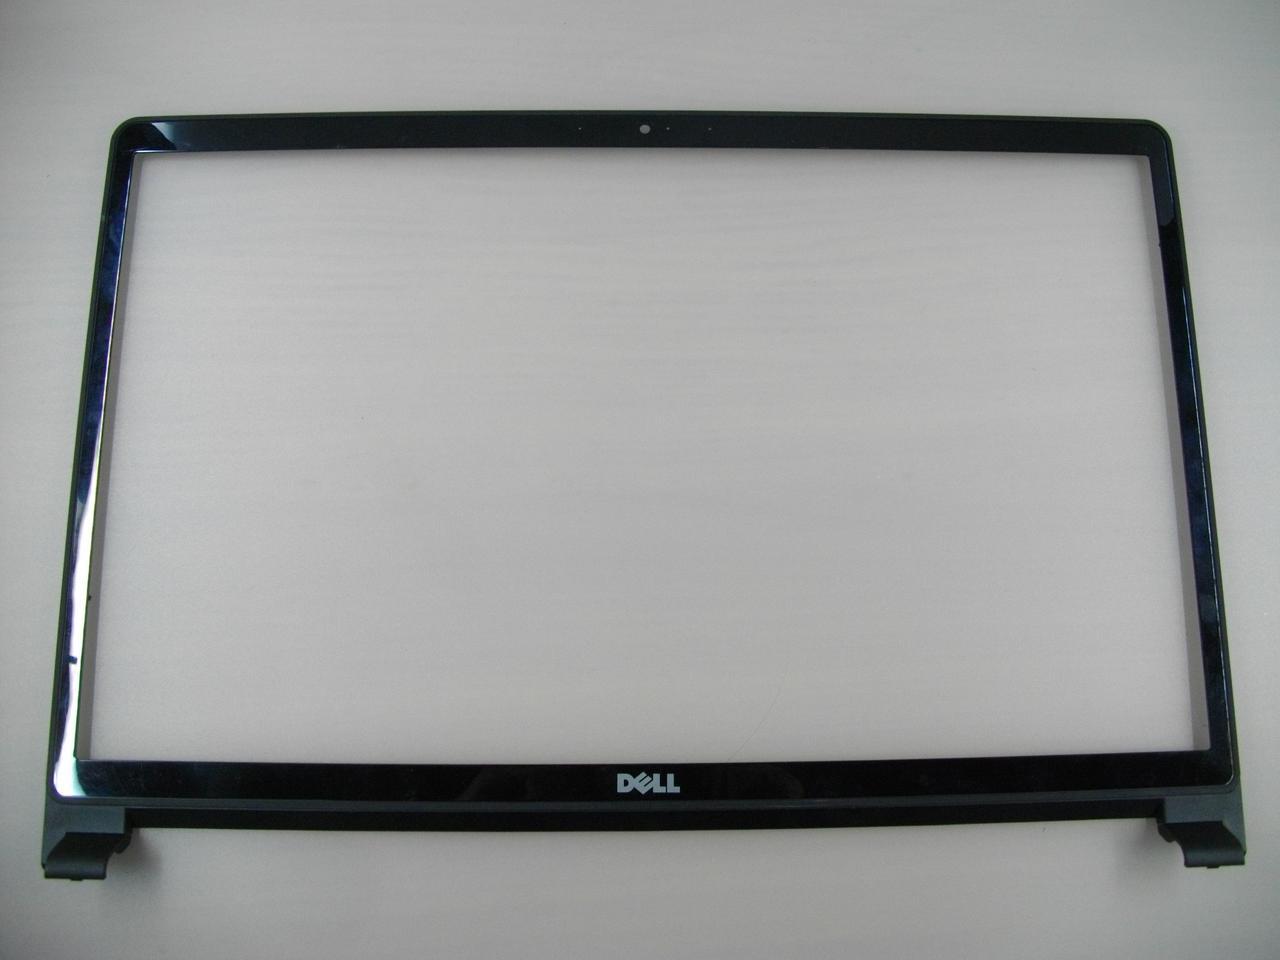 Корпус Рамка матрицы DELL Inspiron 5555. Dell inspiron 15 серии 5000.